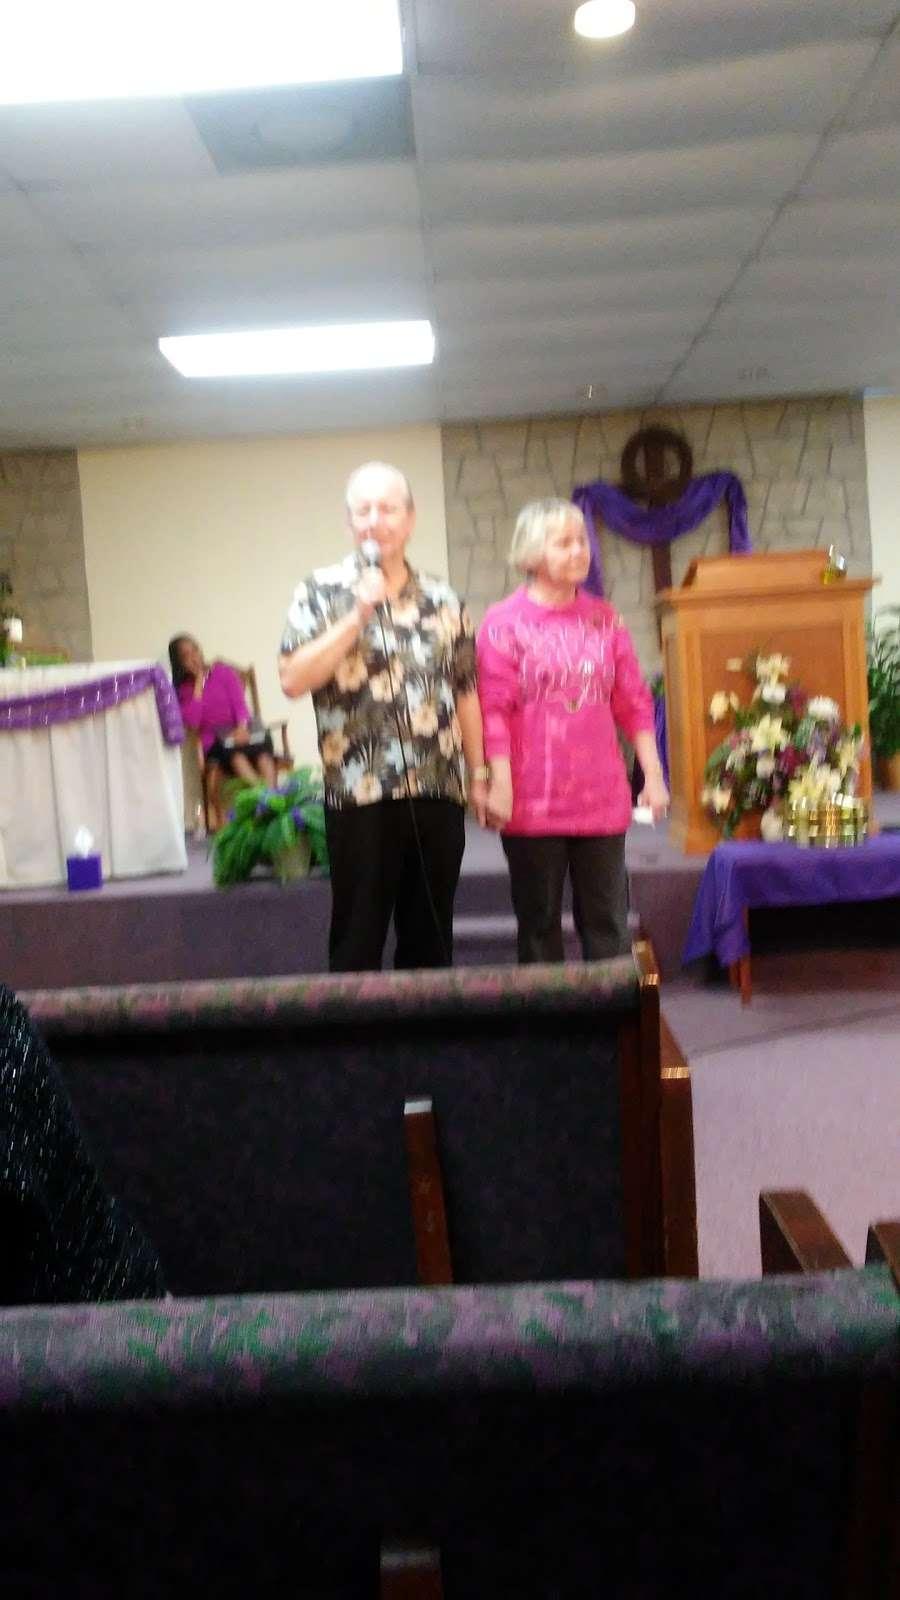 New Hope Fellowship - church  | Photo 7 of 10 | Address: 307 Deen Blvd, Auburndale, FL 33823, USA | Phone: (863) 967-4686